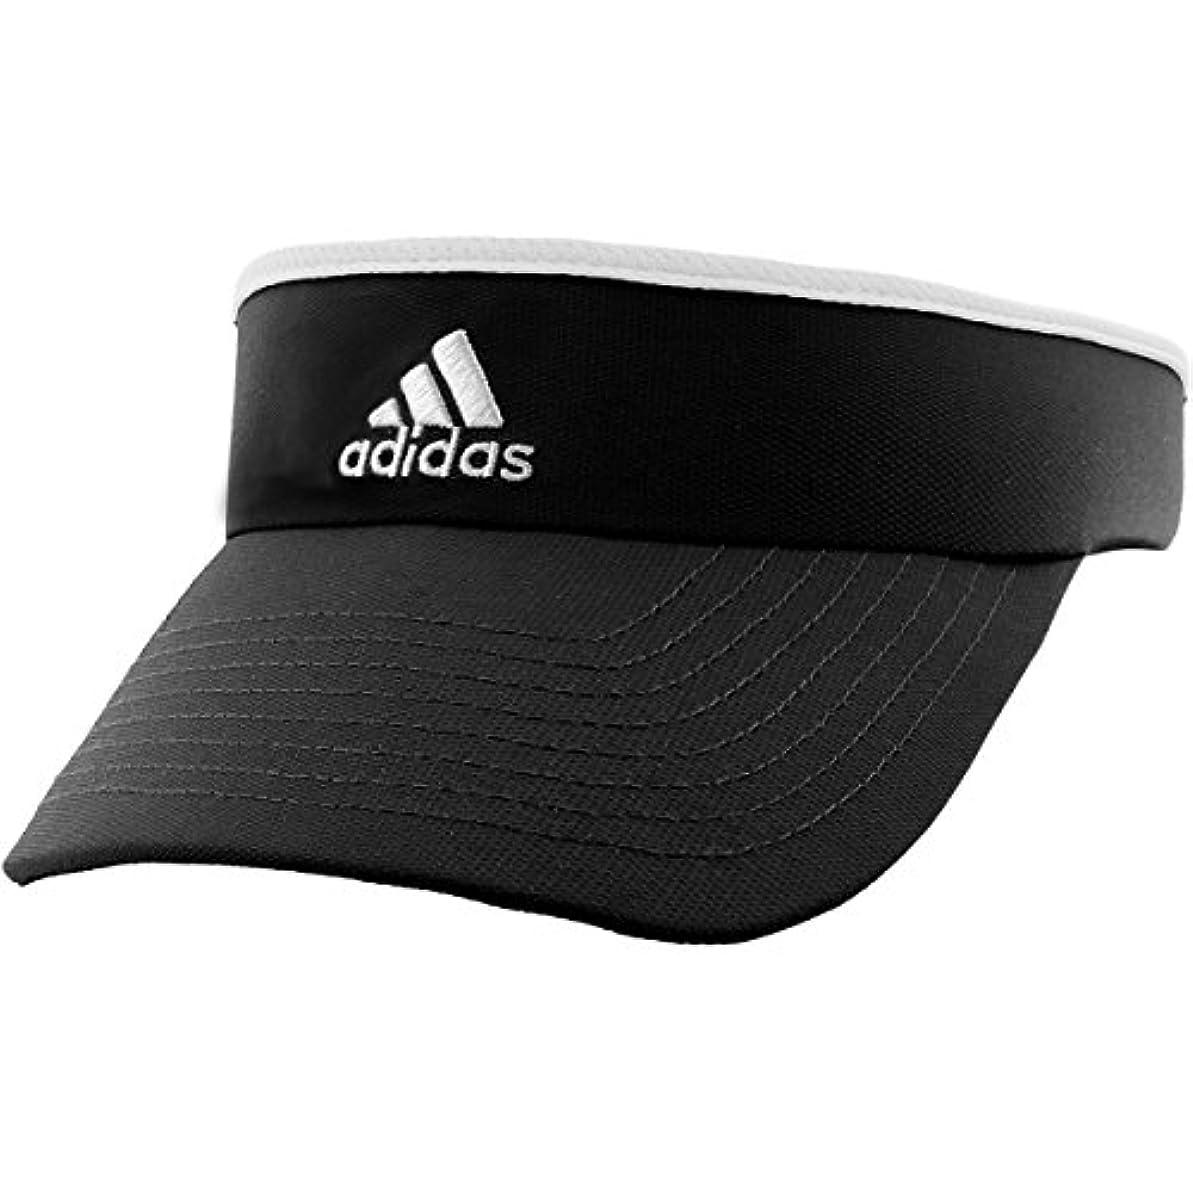 狂った絶対にロンドン(One Size, Black/White) - adidas Women's Match Visor